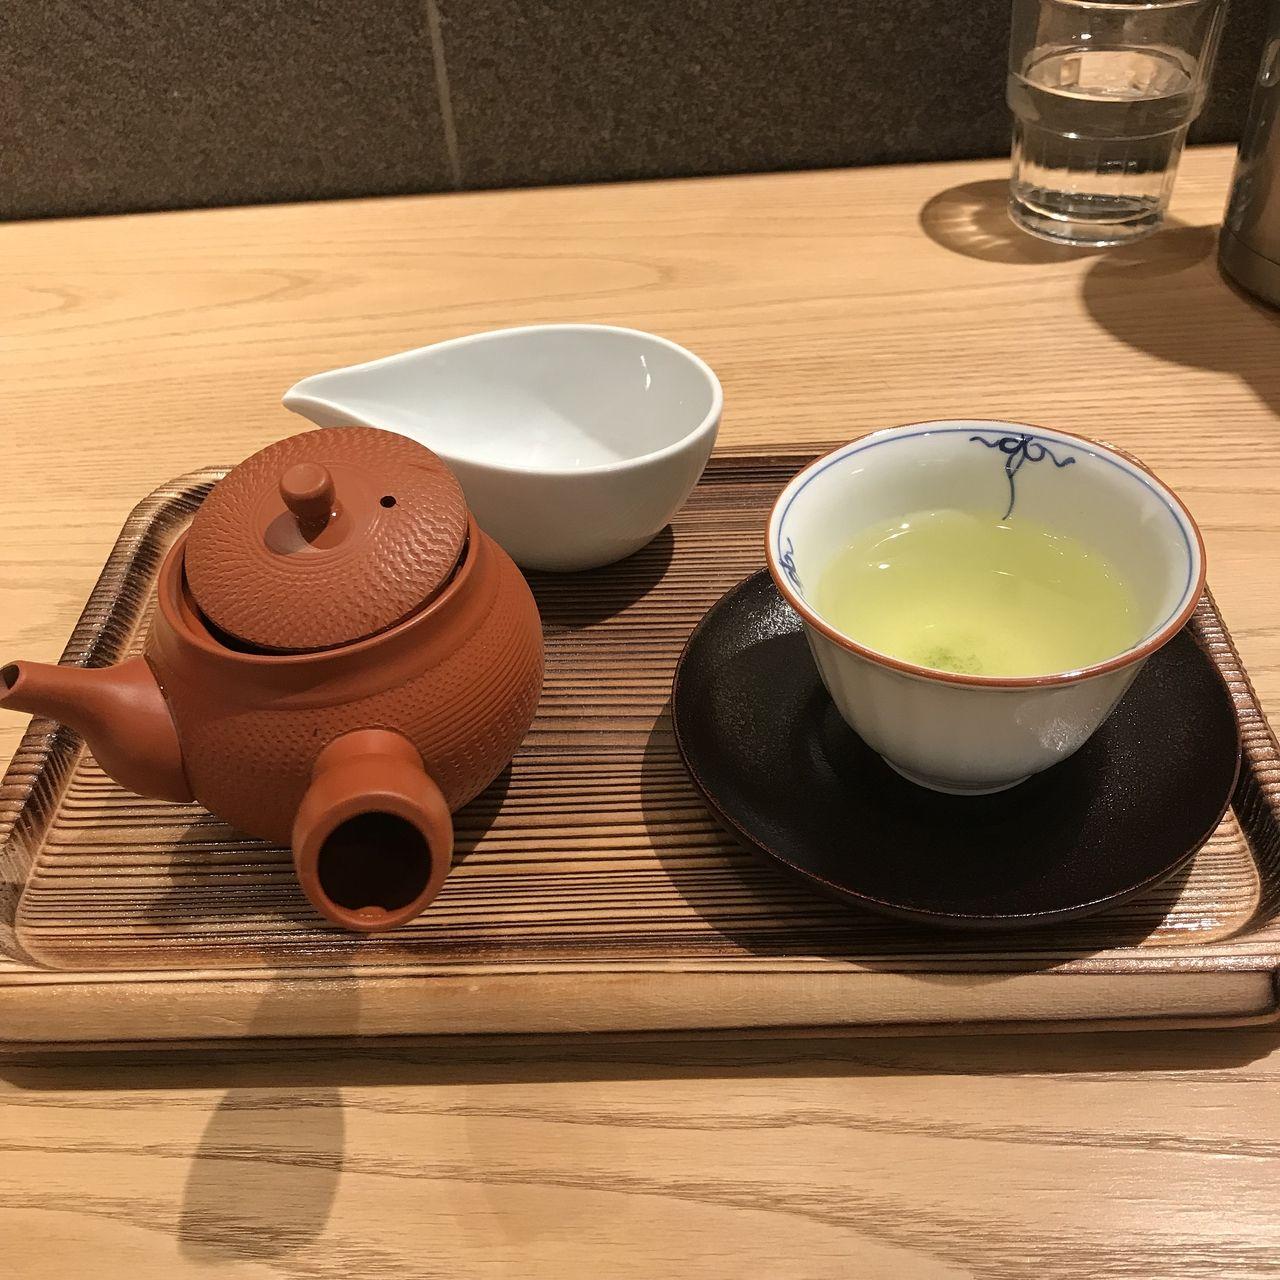 林屋新兵衛さんは元々お茶屋さんです。